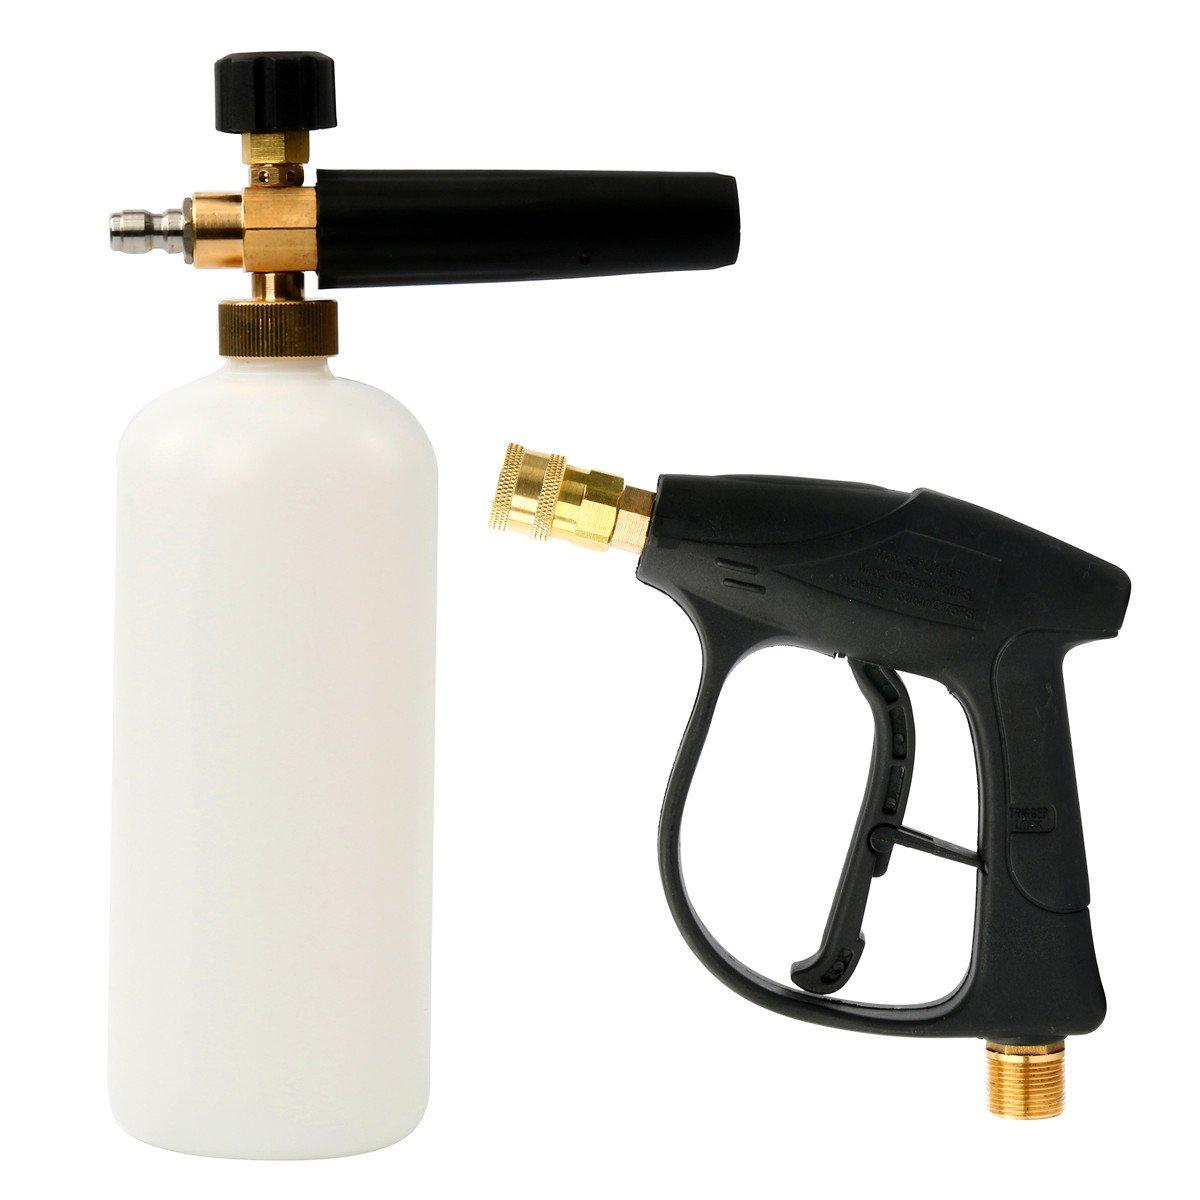 FreeTec pulizia pistola pulizia dispositivo con schiuma 1l neve Schiuma cannone lancia strumento pressione rondella per auto lavaggio Freebirdtrading